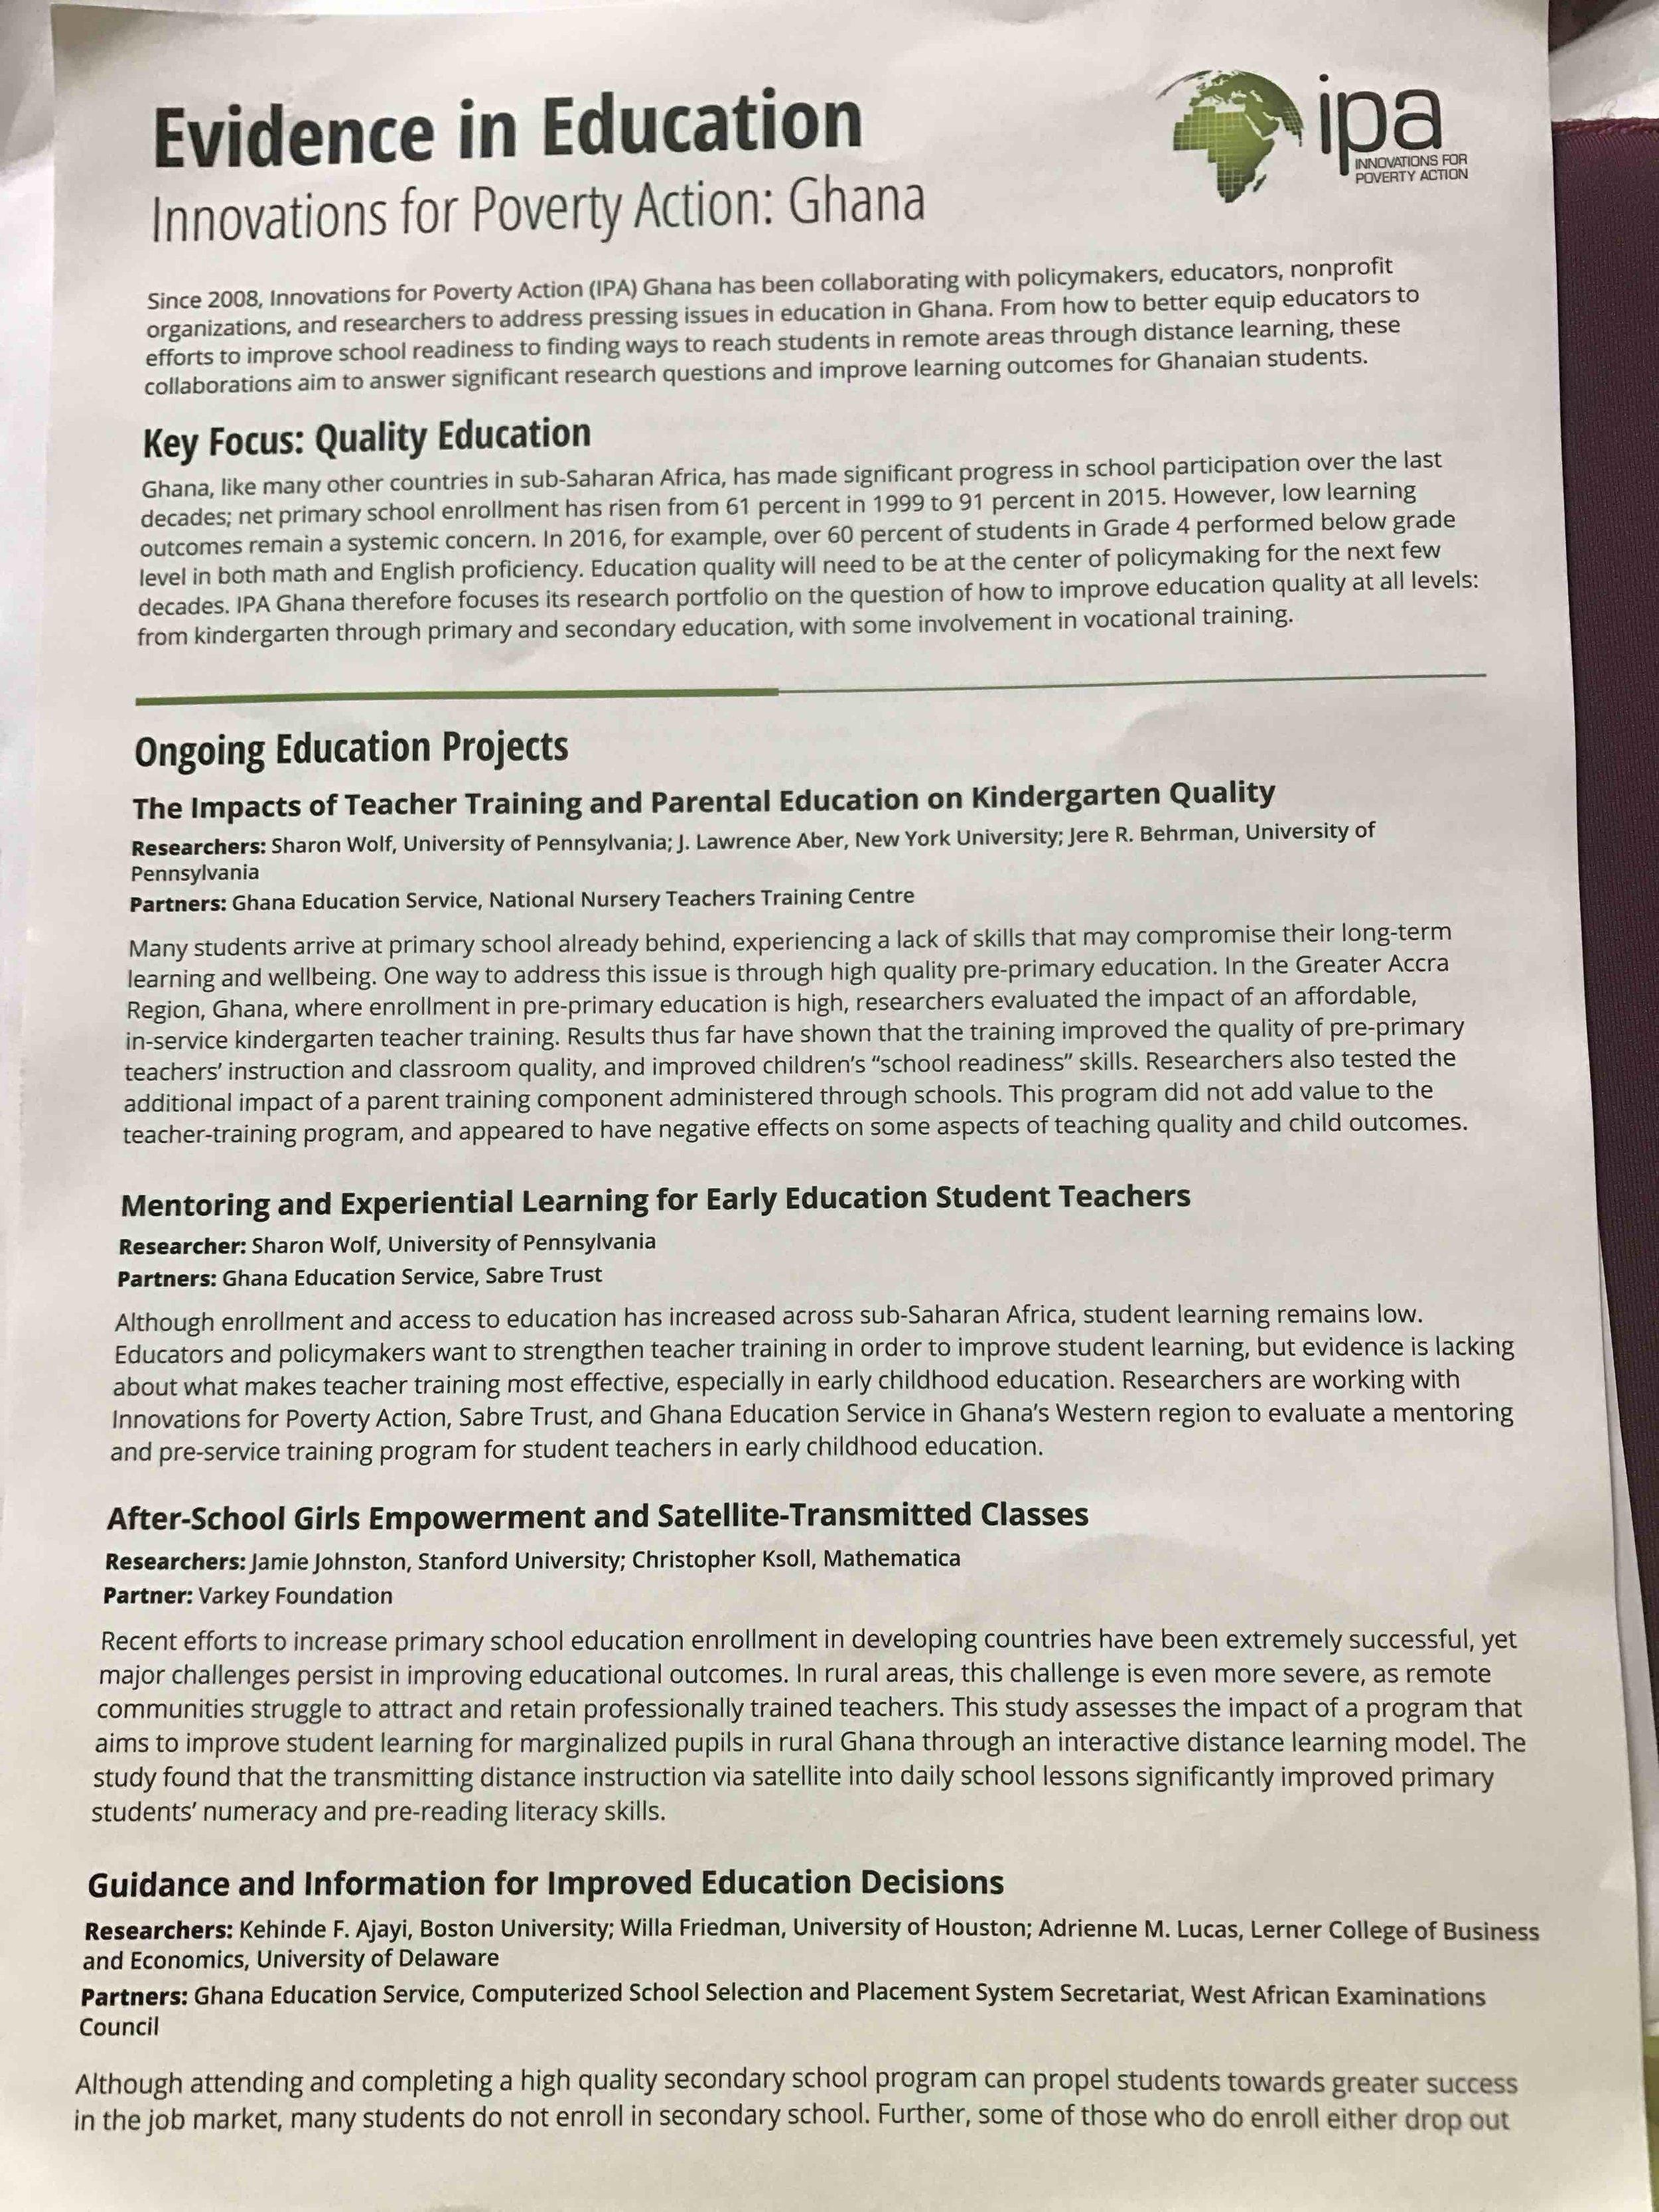 KellyG_Education Initiatives in Progress by IPA.jpg